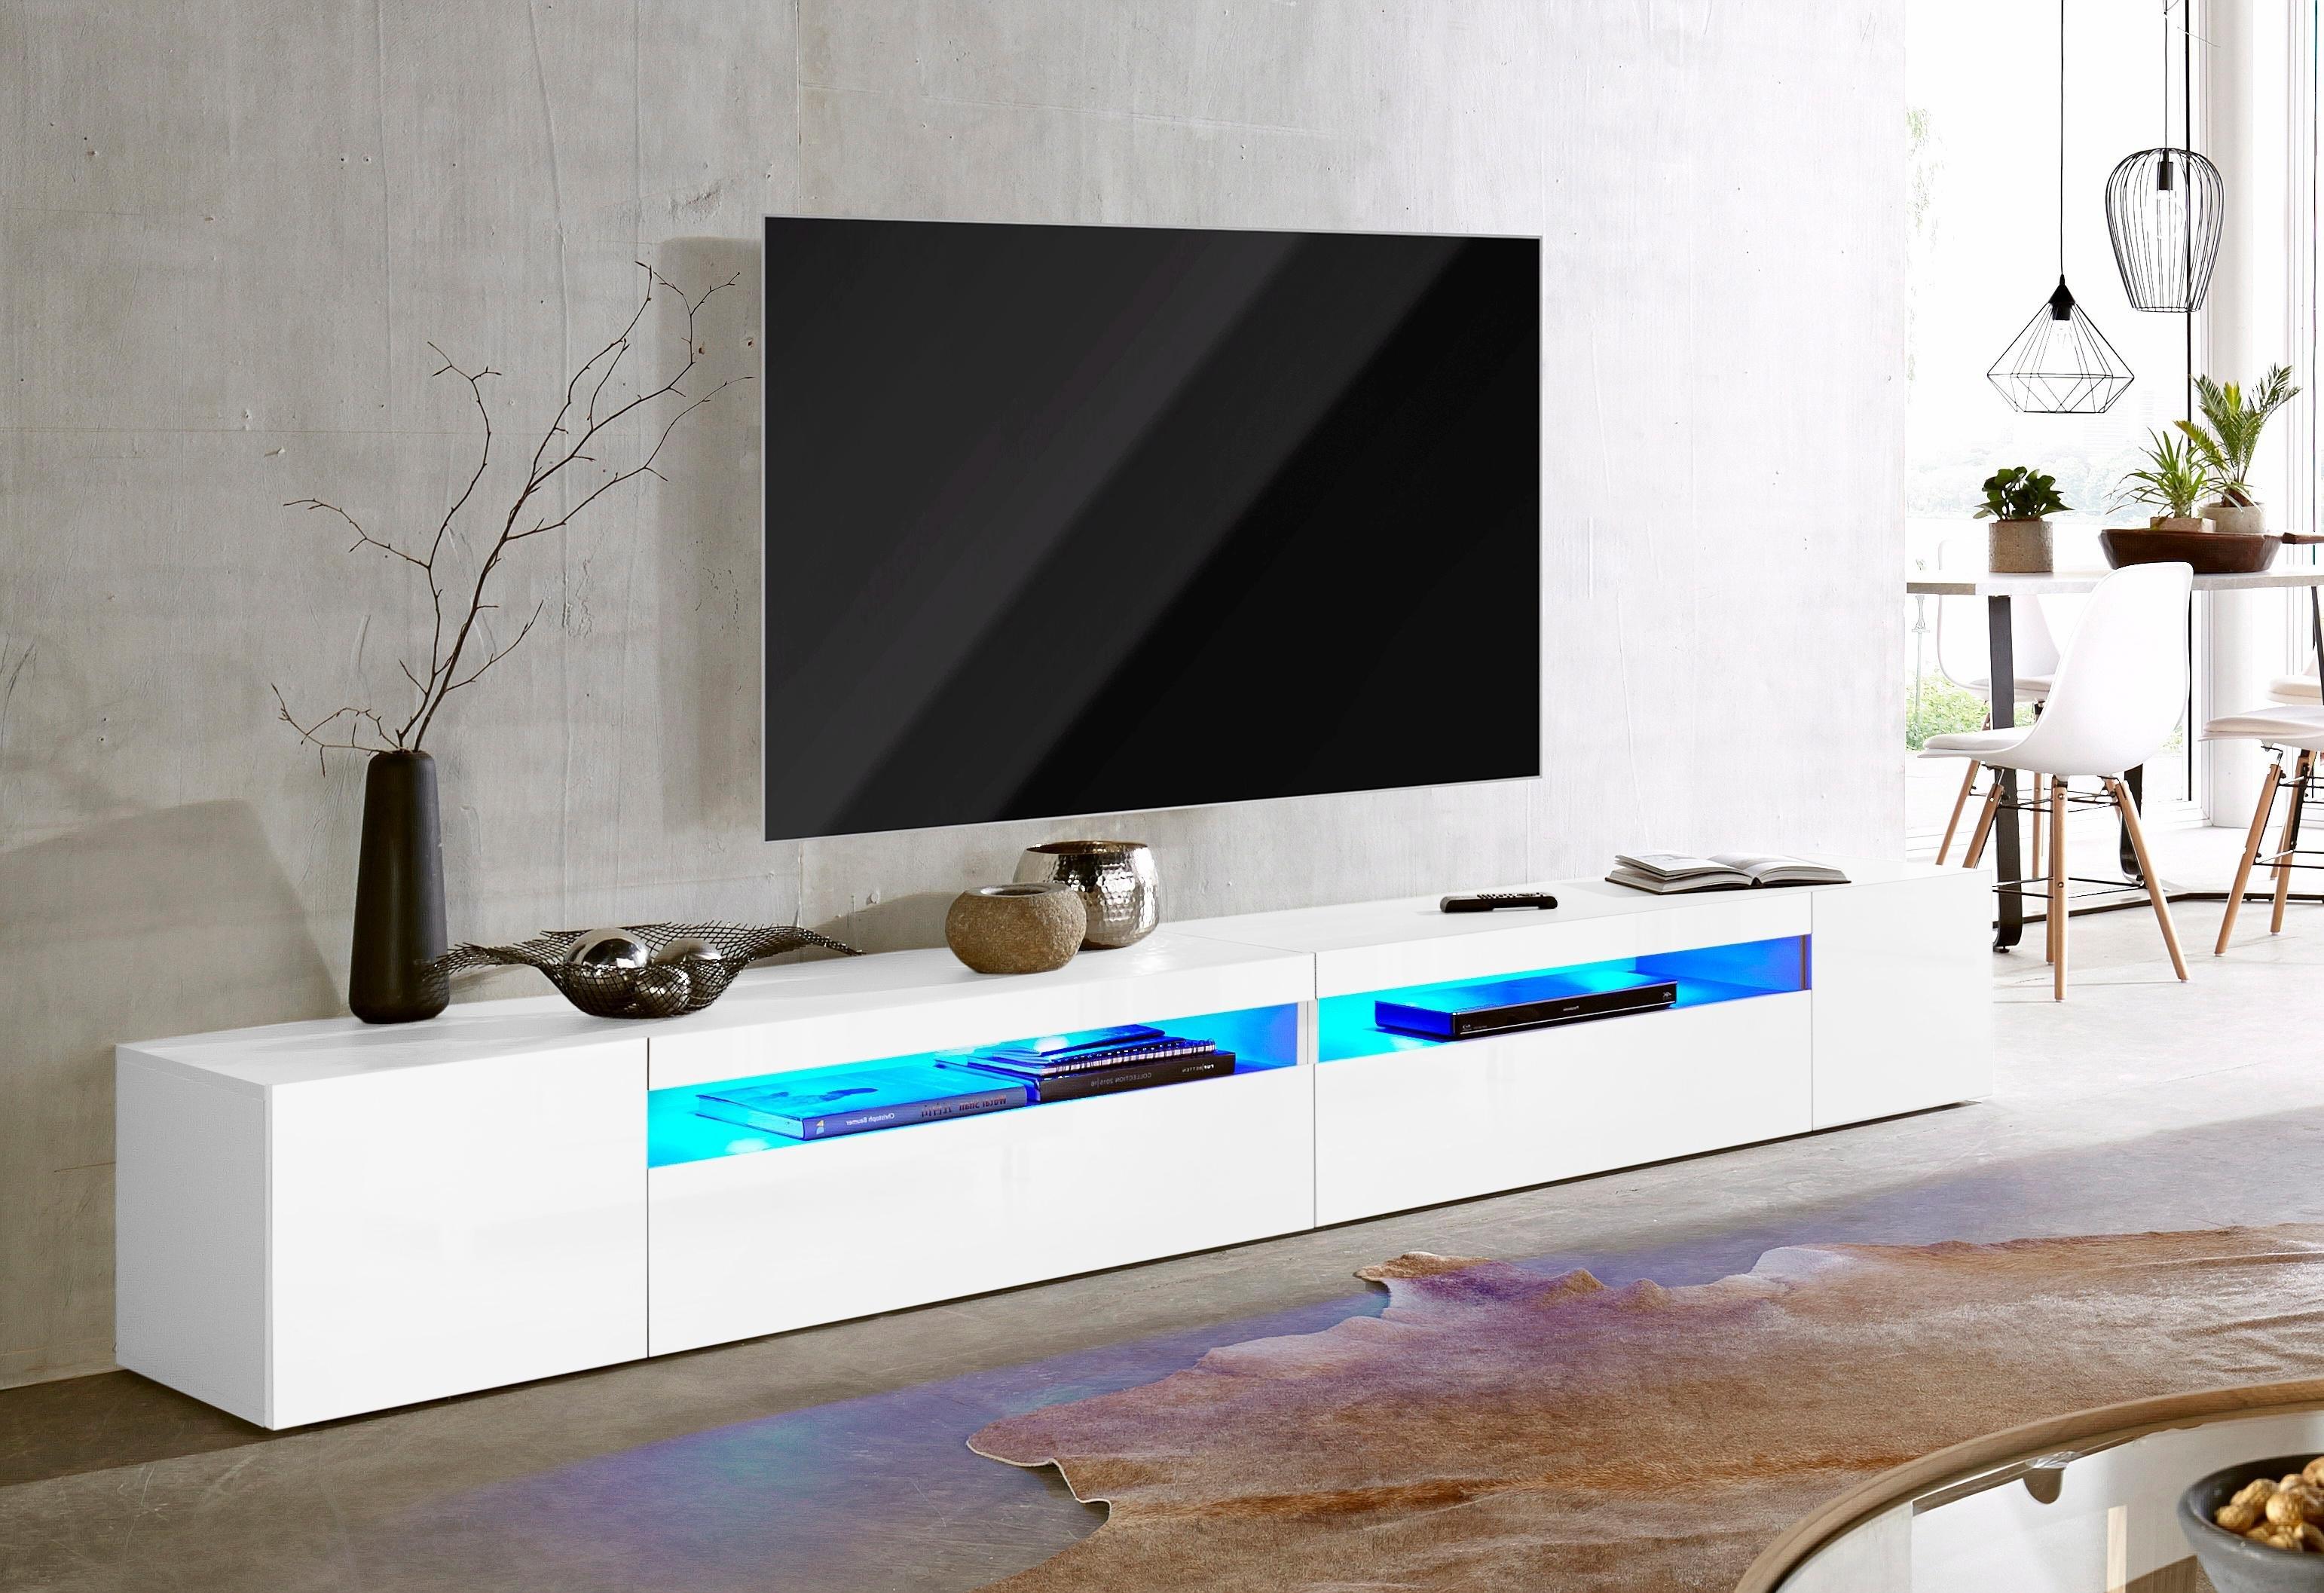 Tecnos tv-meubel Breedte 260 cm, zonder verlichting - gratis ruilen op otto.nl